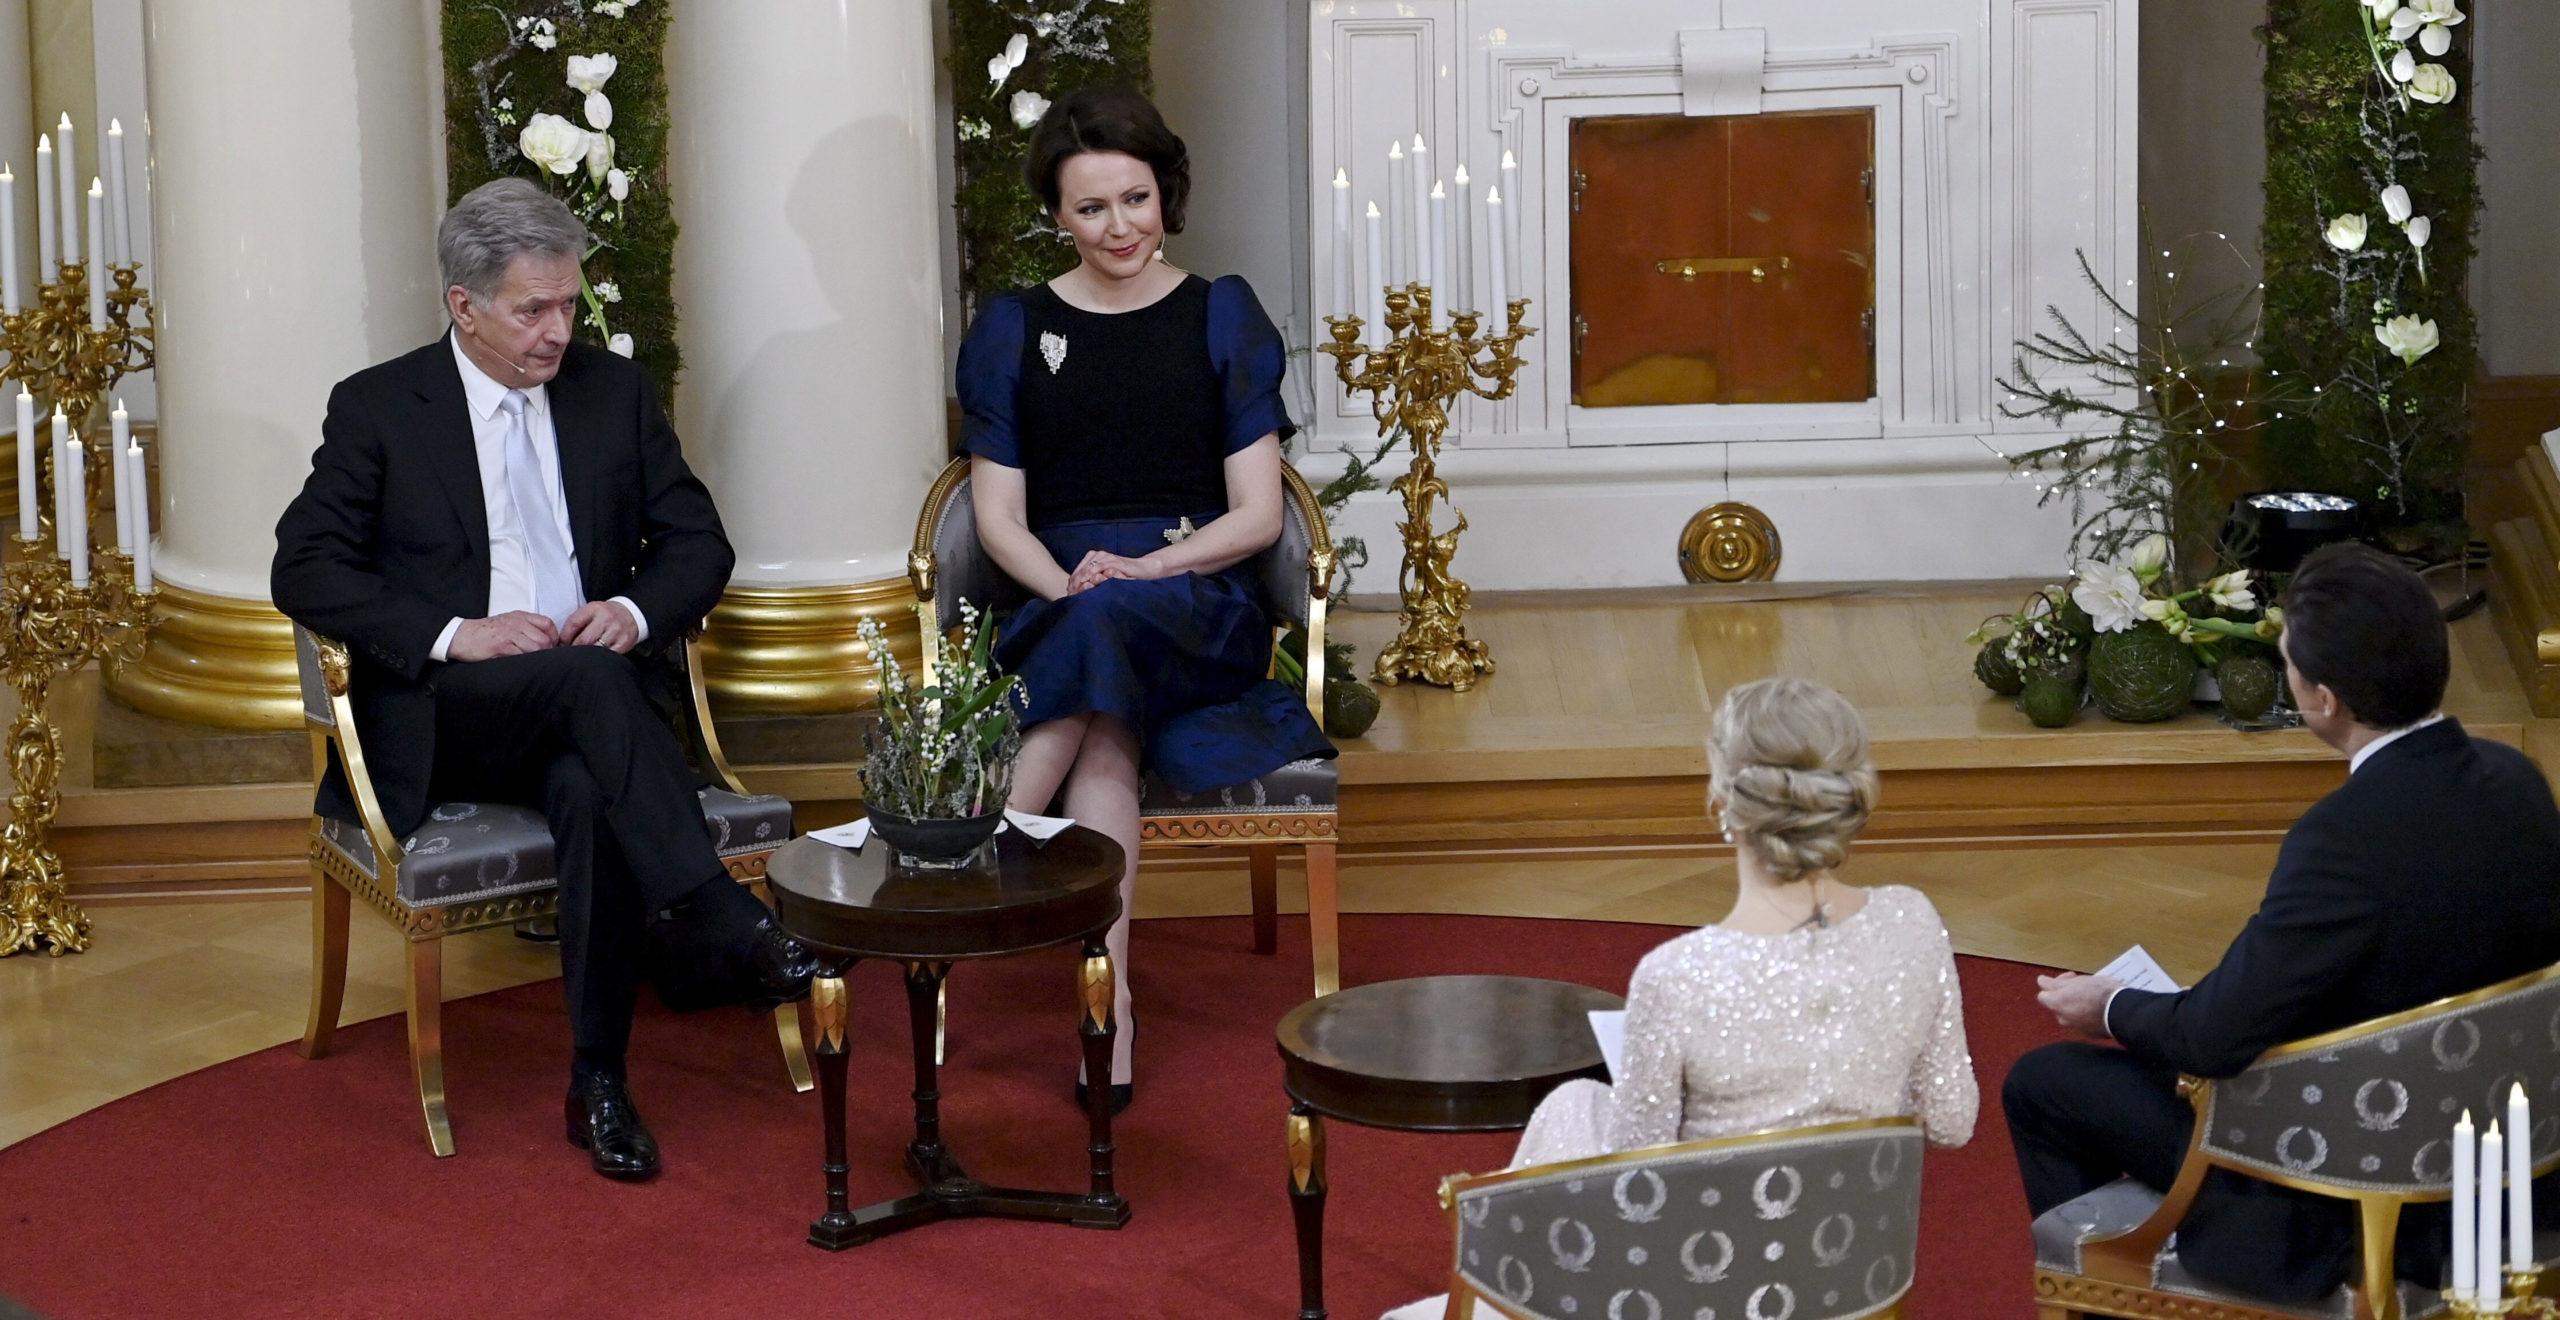 Presidentti Sauli Niinistö (vasemmalla) ja rouva Jenni Haukio olivat ohjelman isäntä ja emäntä. Kuvassa Ylen toimittajat Ella Kanninen ja Jussi-Pekka Rantanen haastattelevat presidenttiparia.